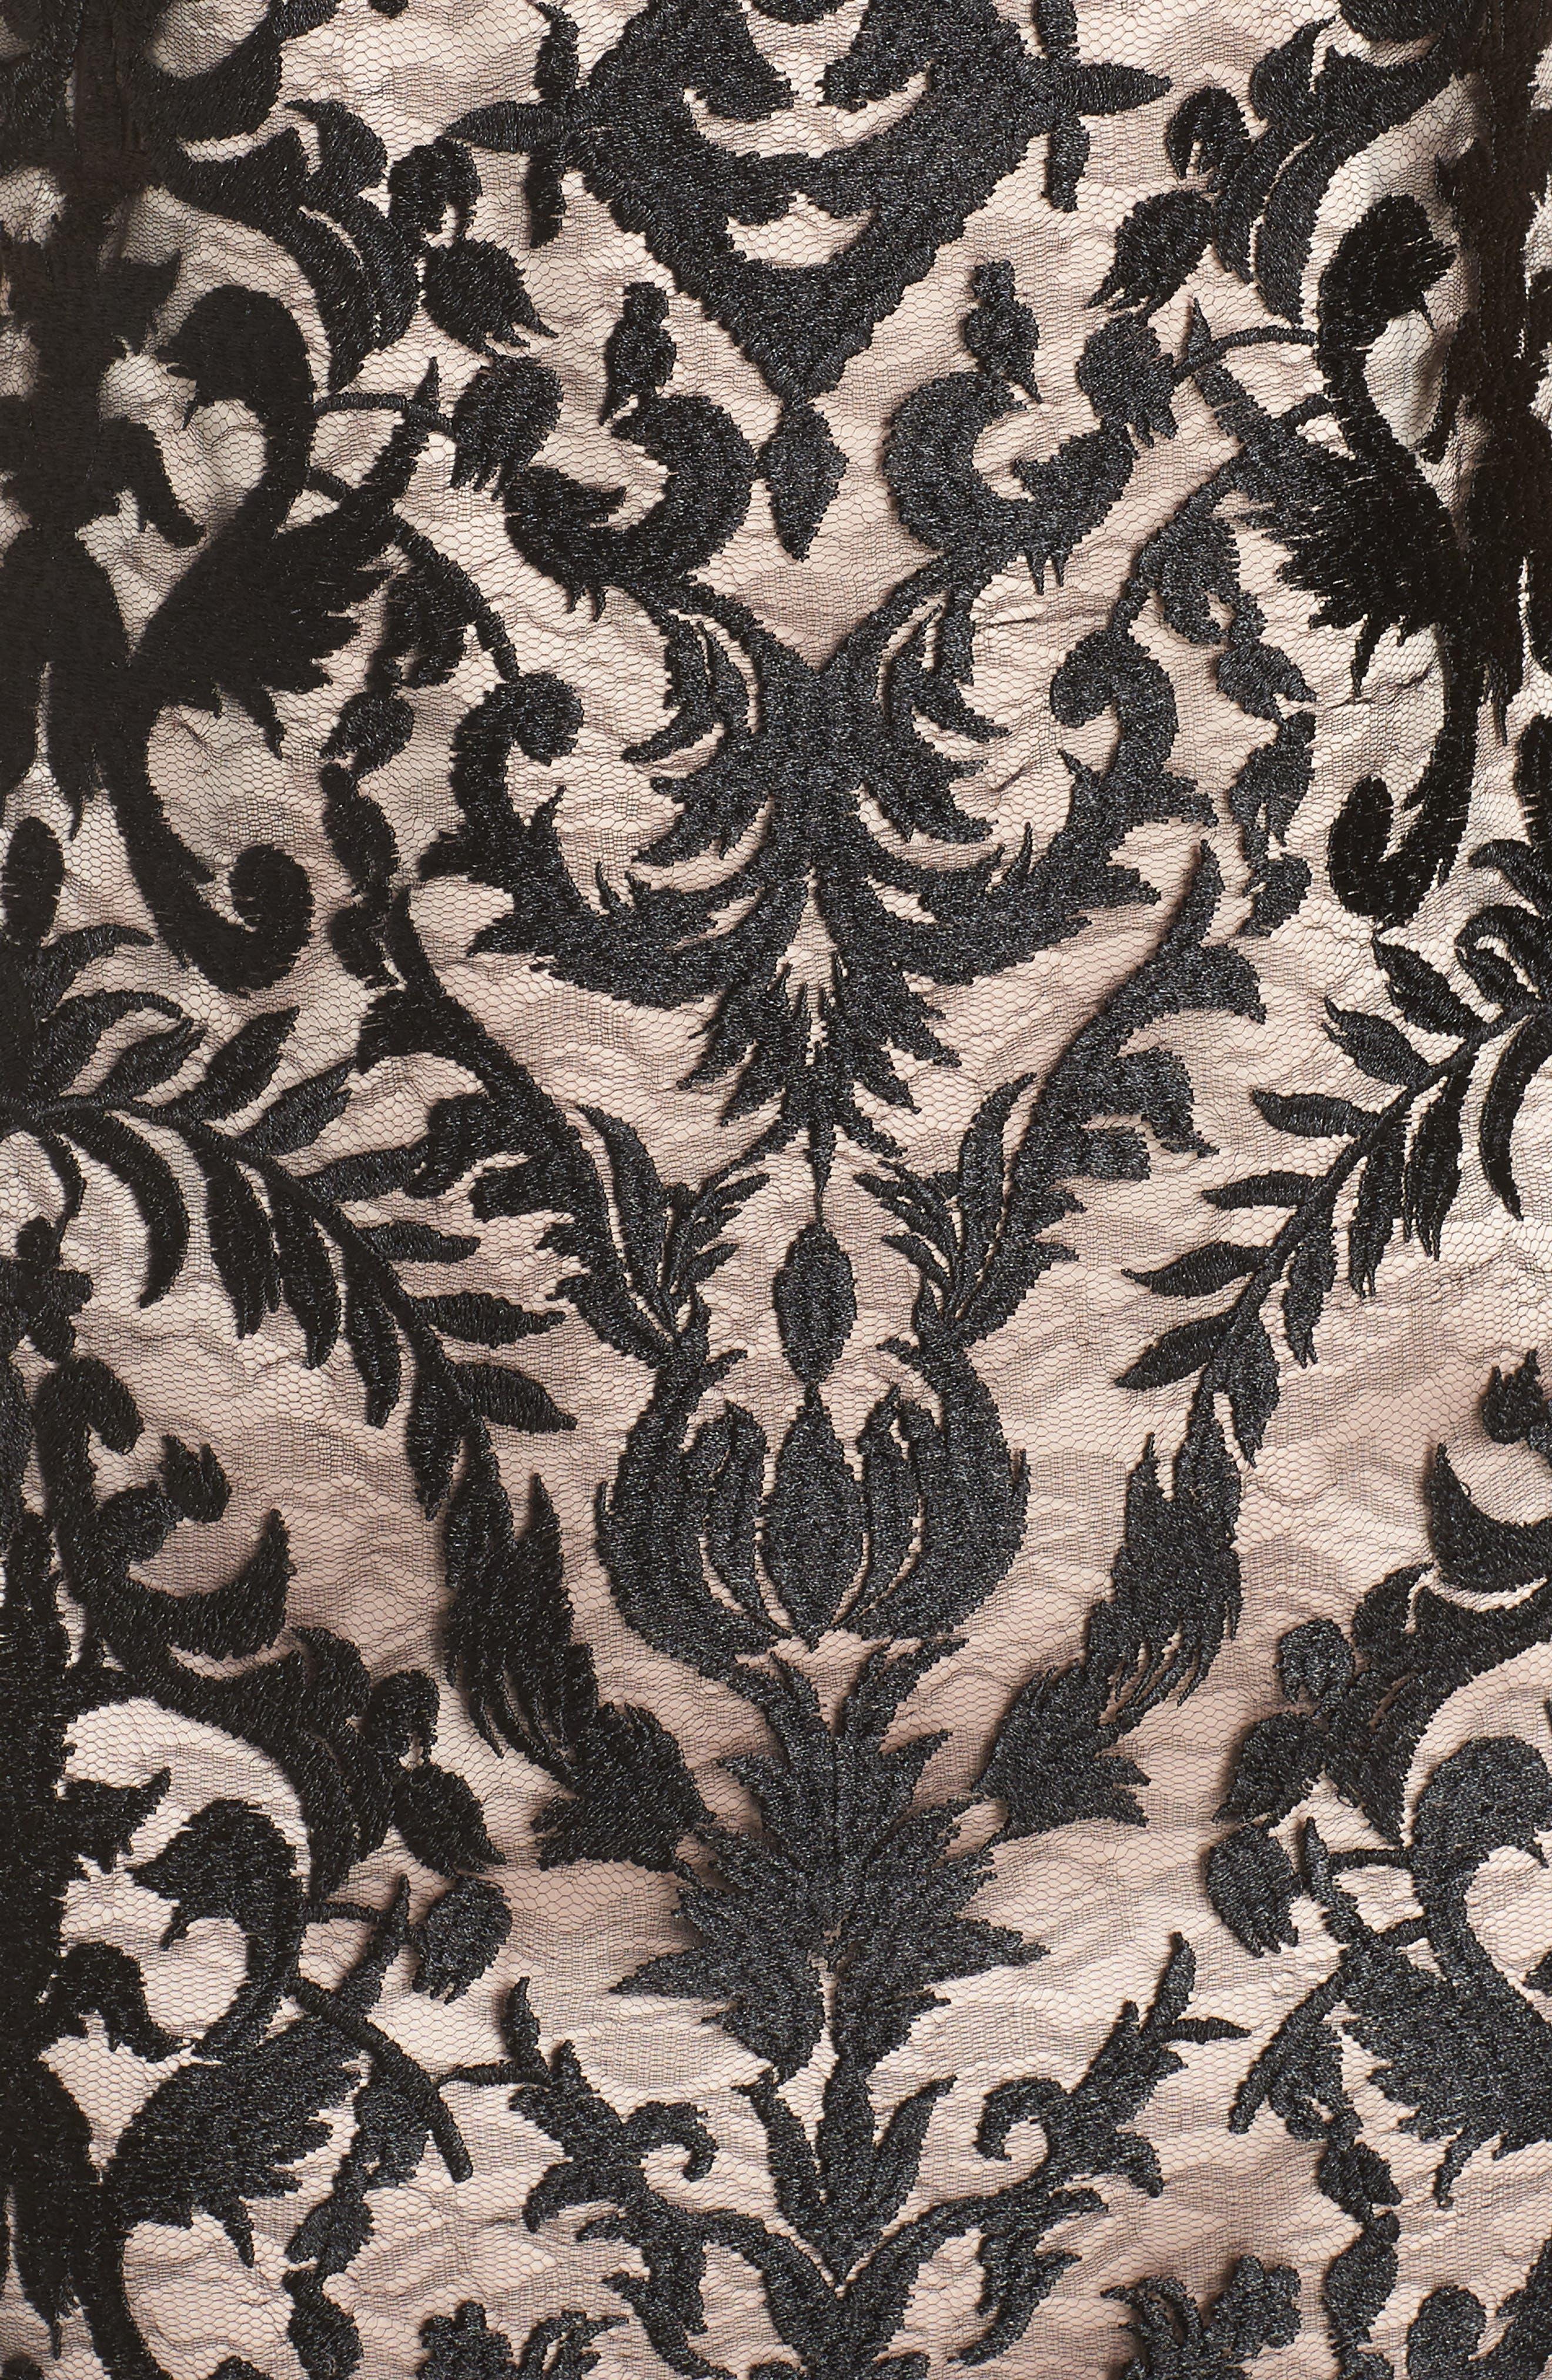 Embroidered Mesh Sheath Dress,                             Alternate thumbnail 6, color,                             BLACK/ TAN